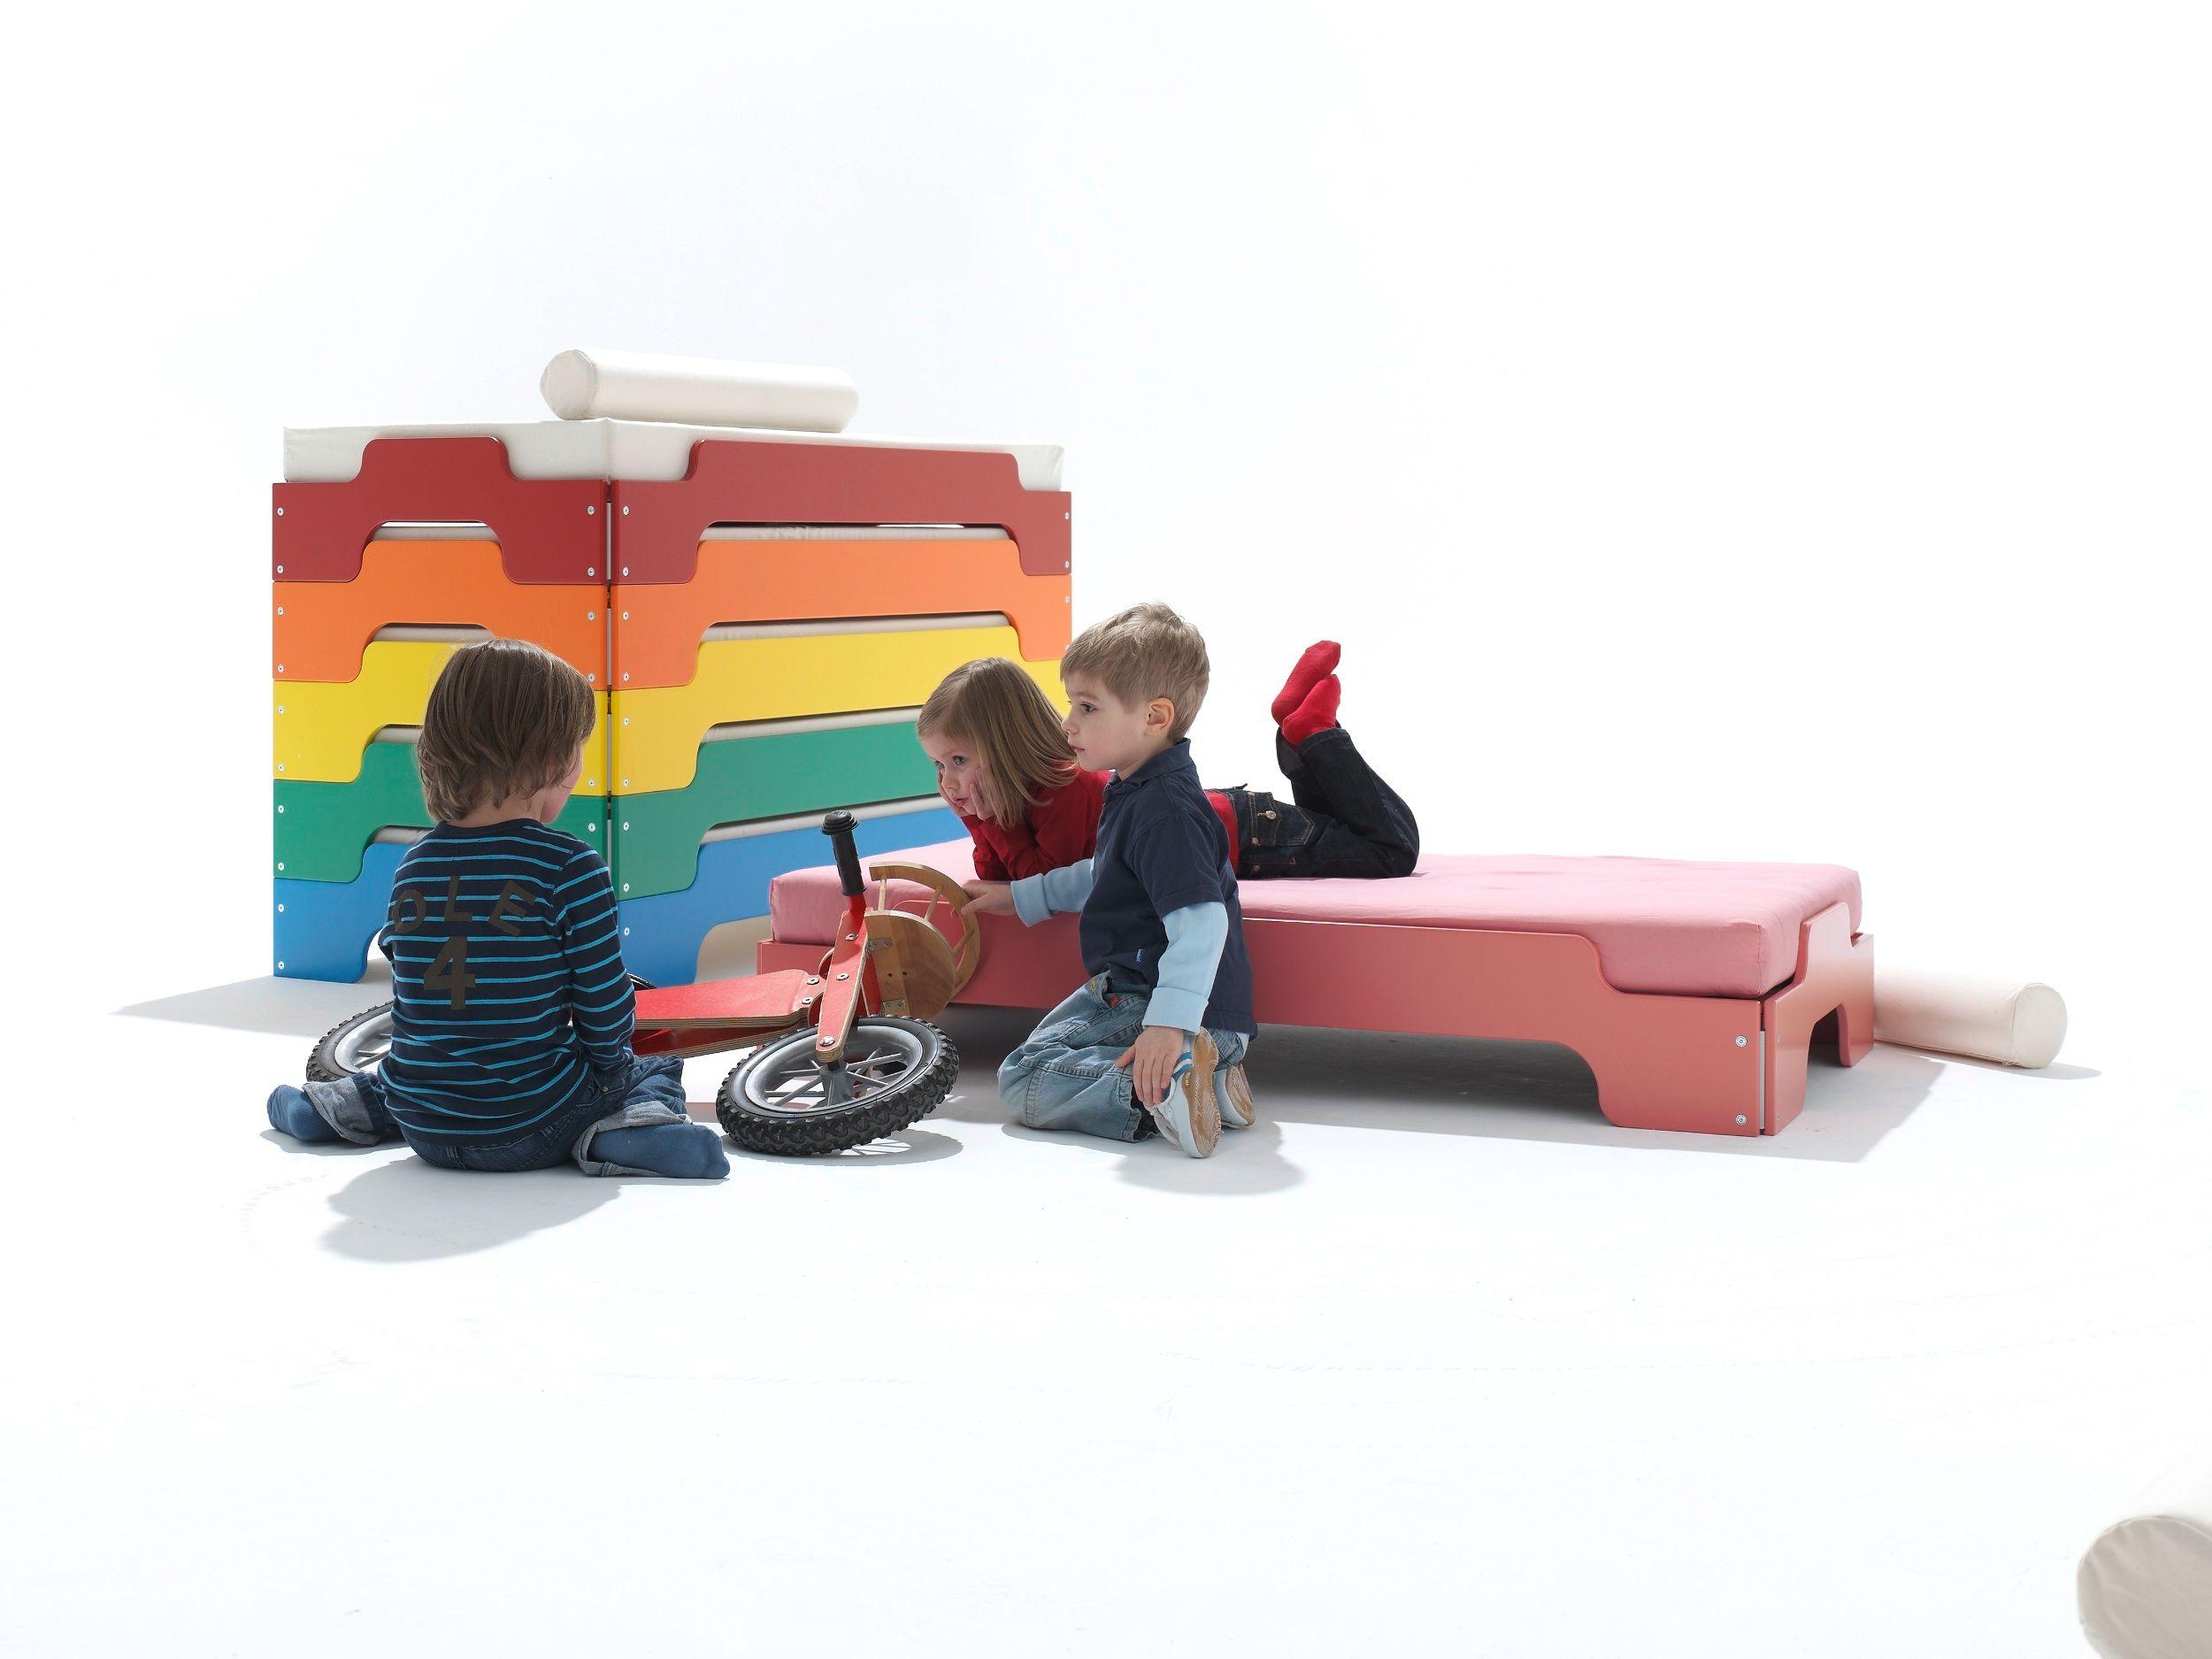 lit empilable pour chambre d 39 enfant lit pour chambre d 39 enfant by m ller m belwerkst tten design. Black Bedroom Furniture Sets. Home Design Ideas